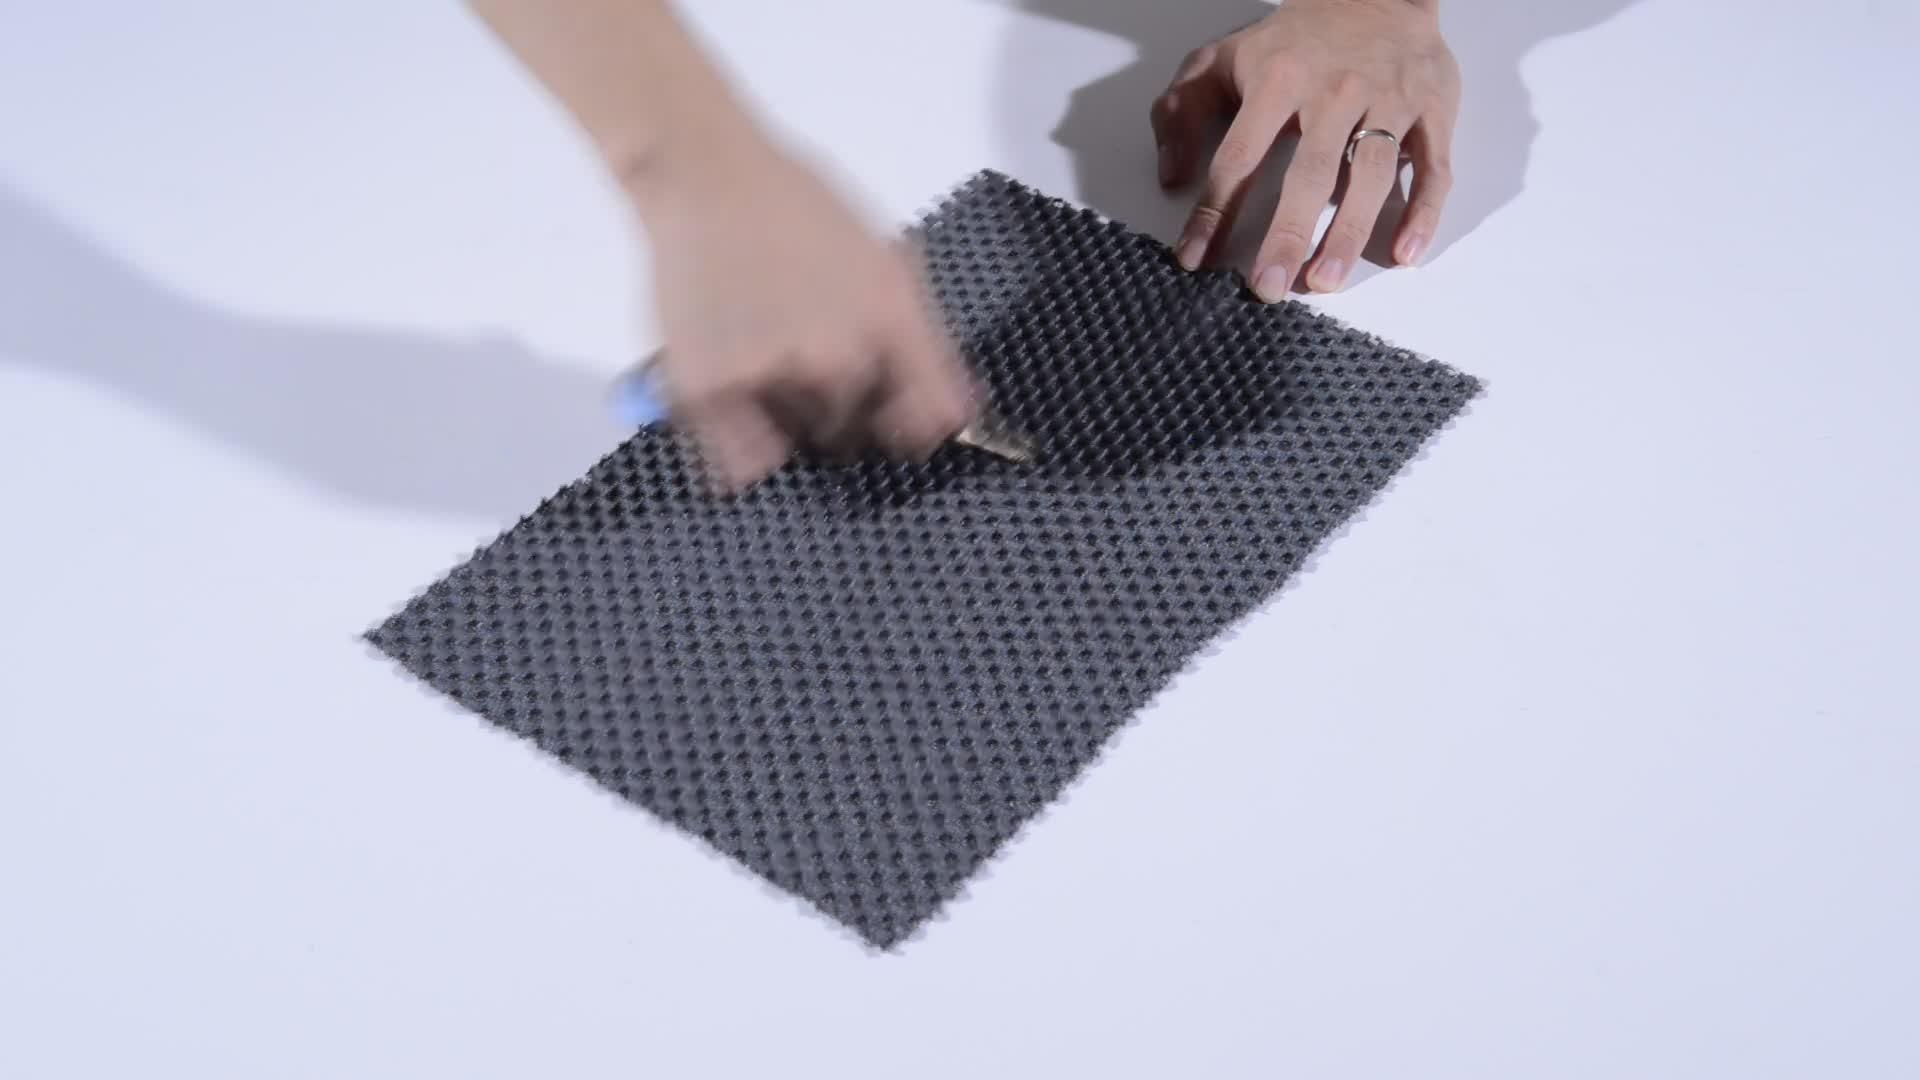 Sgs 証明 OEM 形状抗細菌ベビーヘッド整形枕幼児福建省から Anran テキスタイル技術